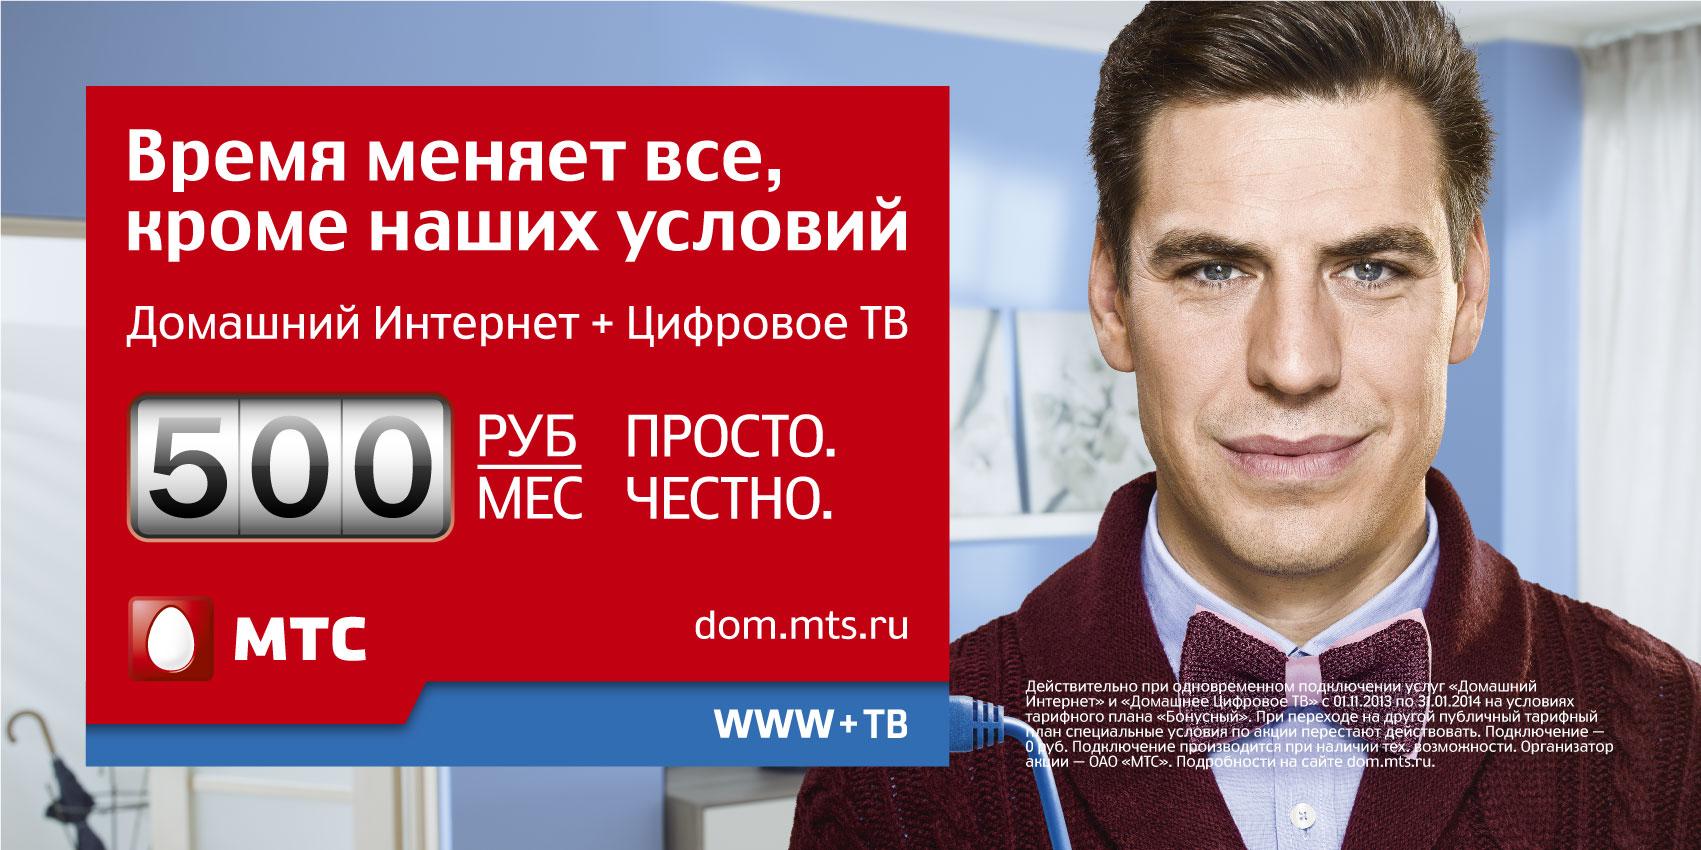 Мтс интернет помощник - 4